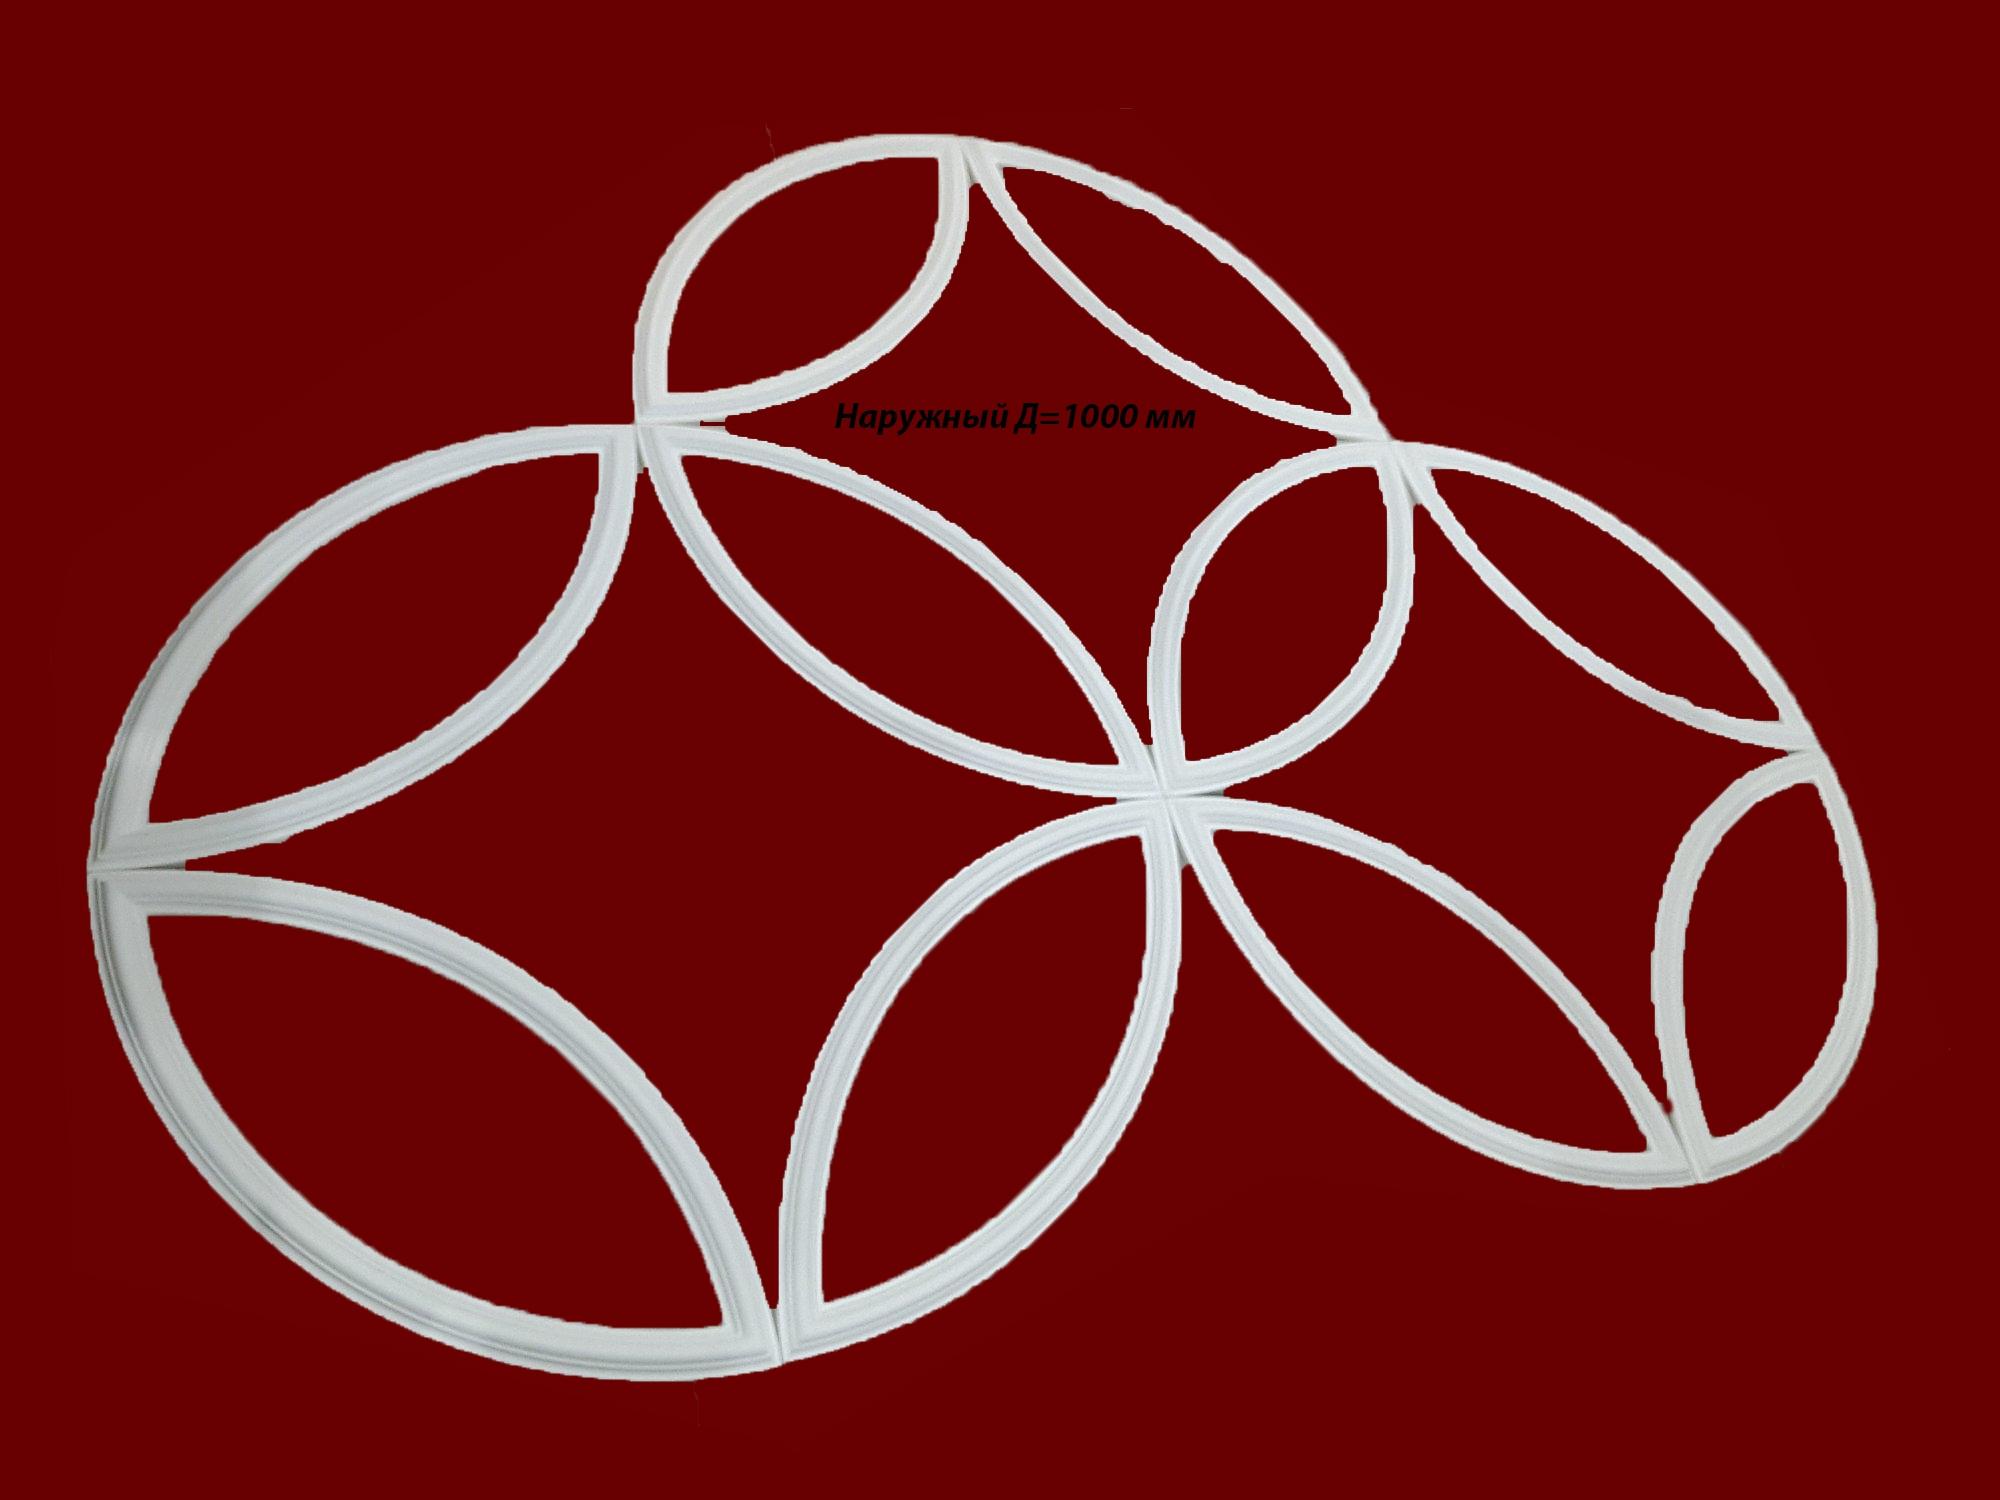 """Код товара МЛП04001/1.""""Лепесток"""" состоящий из двух радиусных молдингов профиля Мл04001.Четыре таких элемента образуют круг ,наружным диаметром 1000мм... Розничная цена 125 грн./шт"""